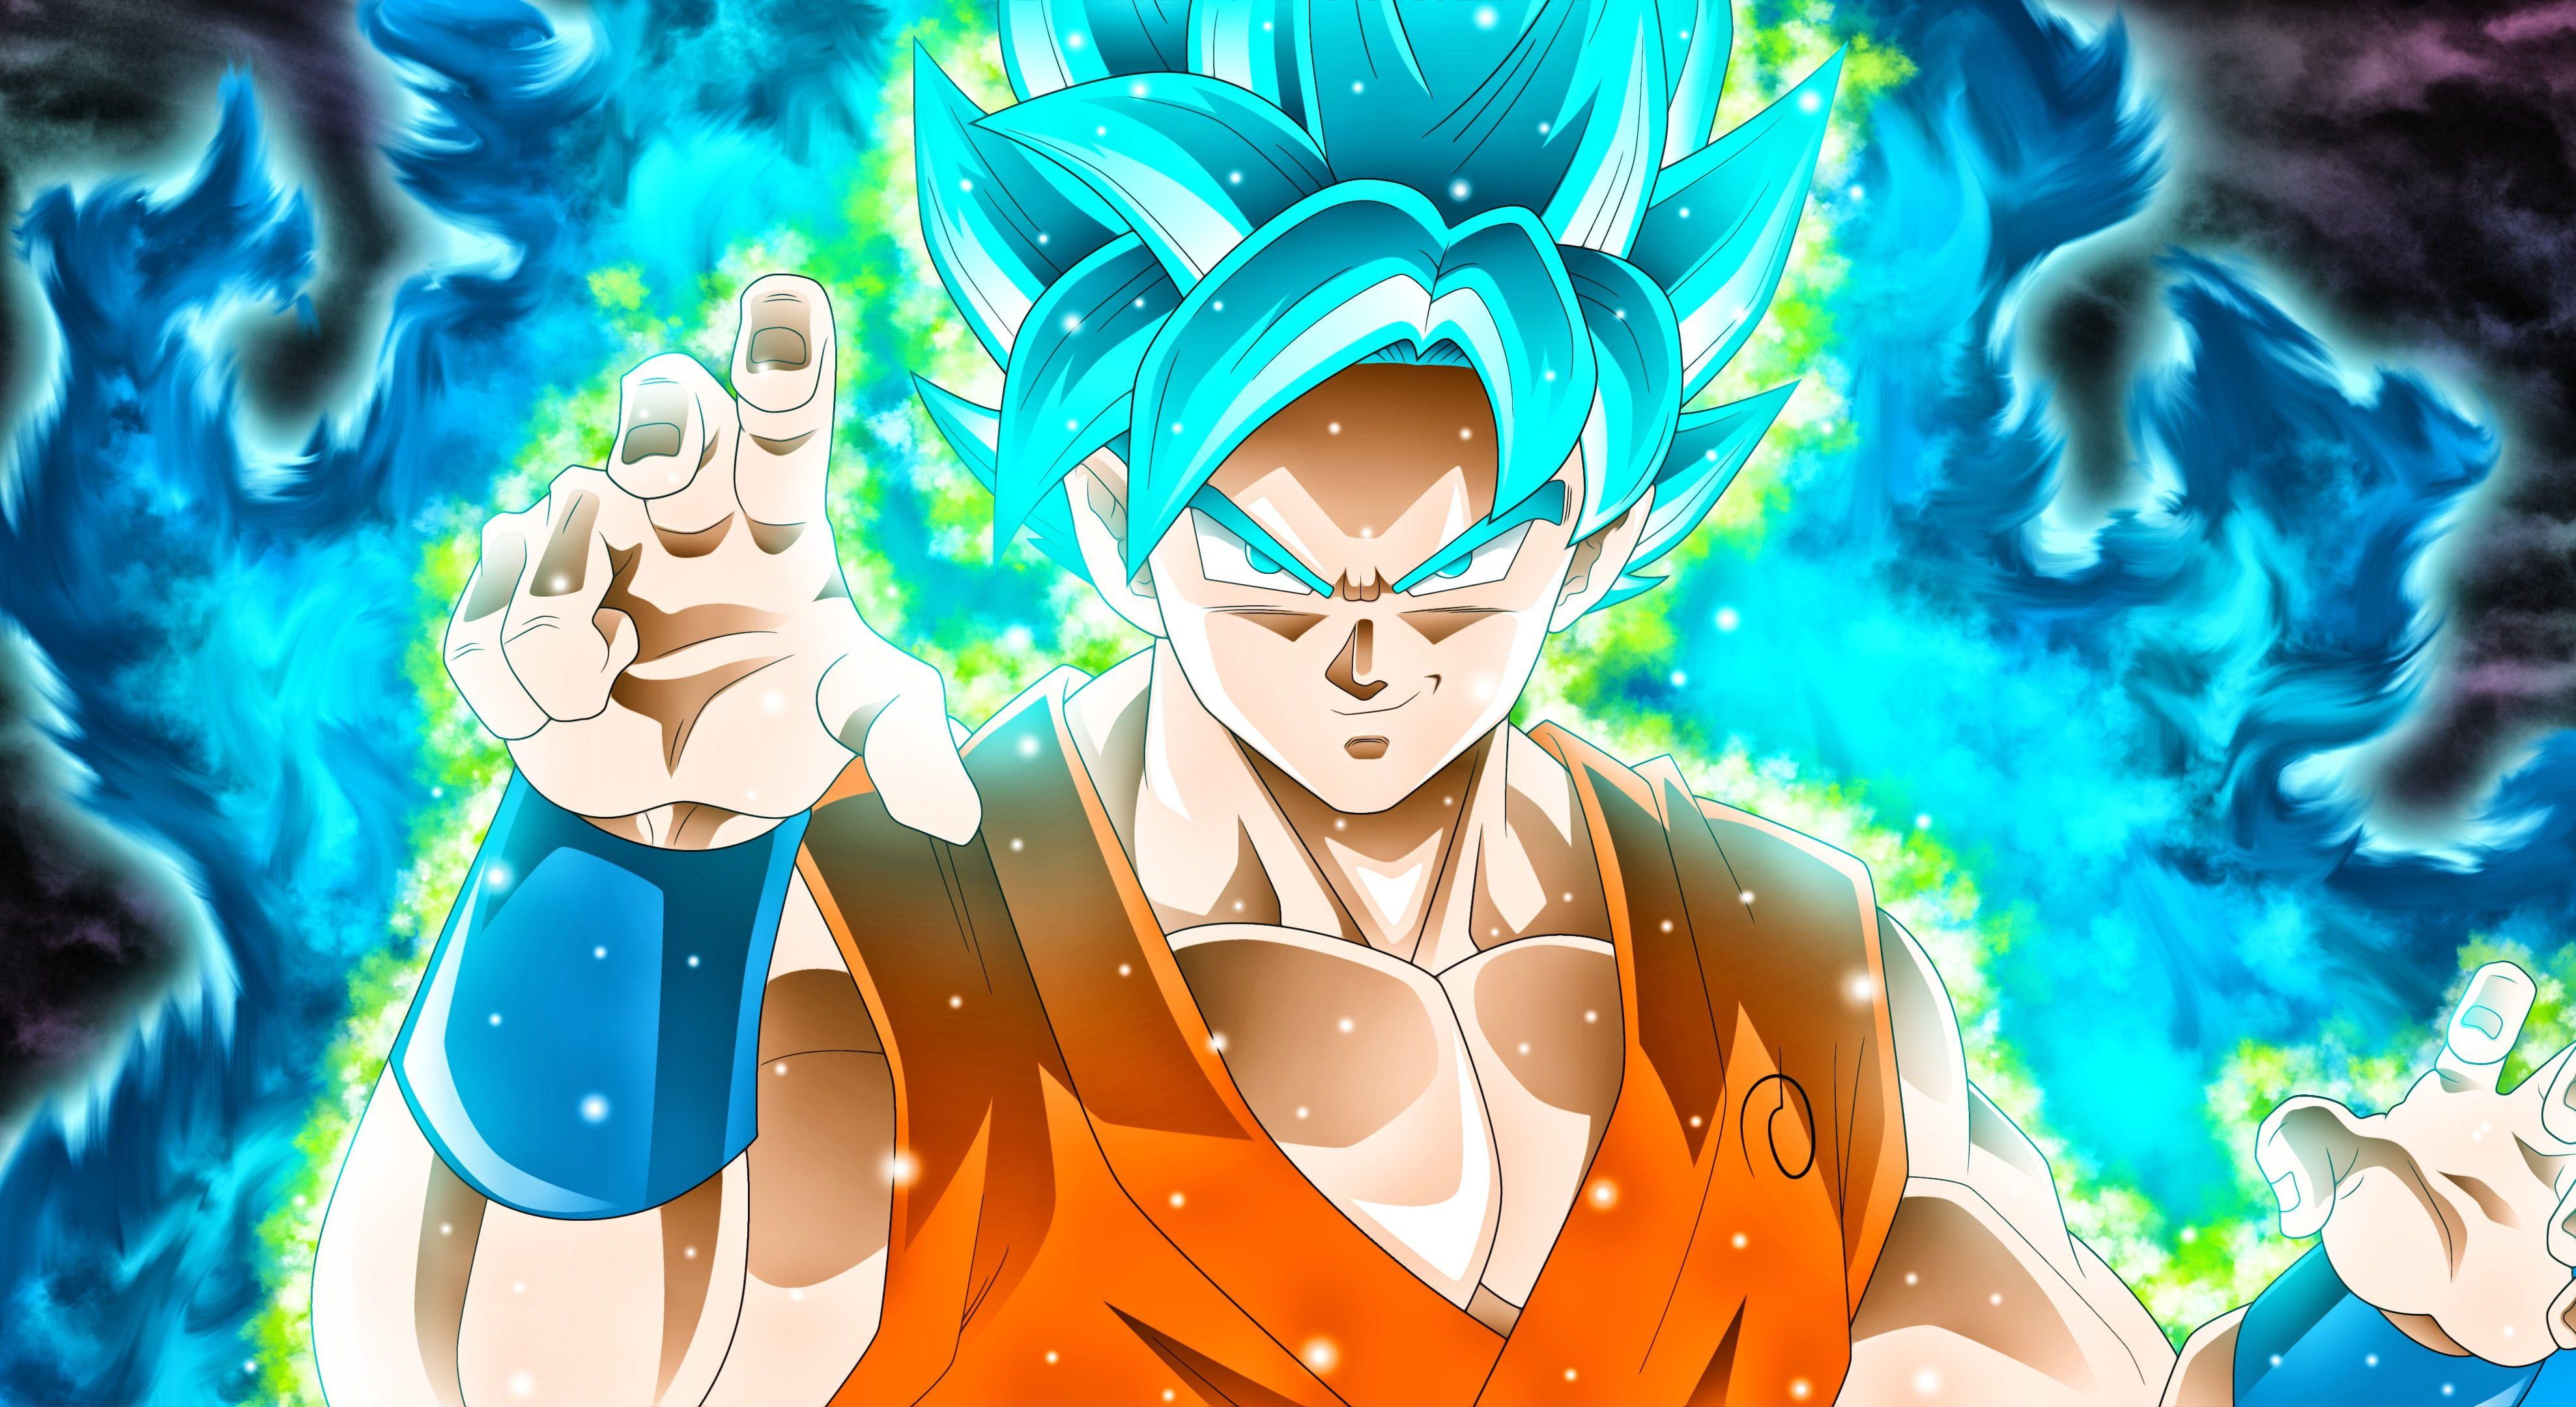 Dragon Ball Super Son Goku Super Saiyajin Blue Super Saiyan Blue Dragon Ball 4k Wallpaper Hdwallp In 2021 Dragon Ball Super Goku Super Saiyan Blue Super Saiyan Blue